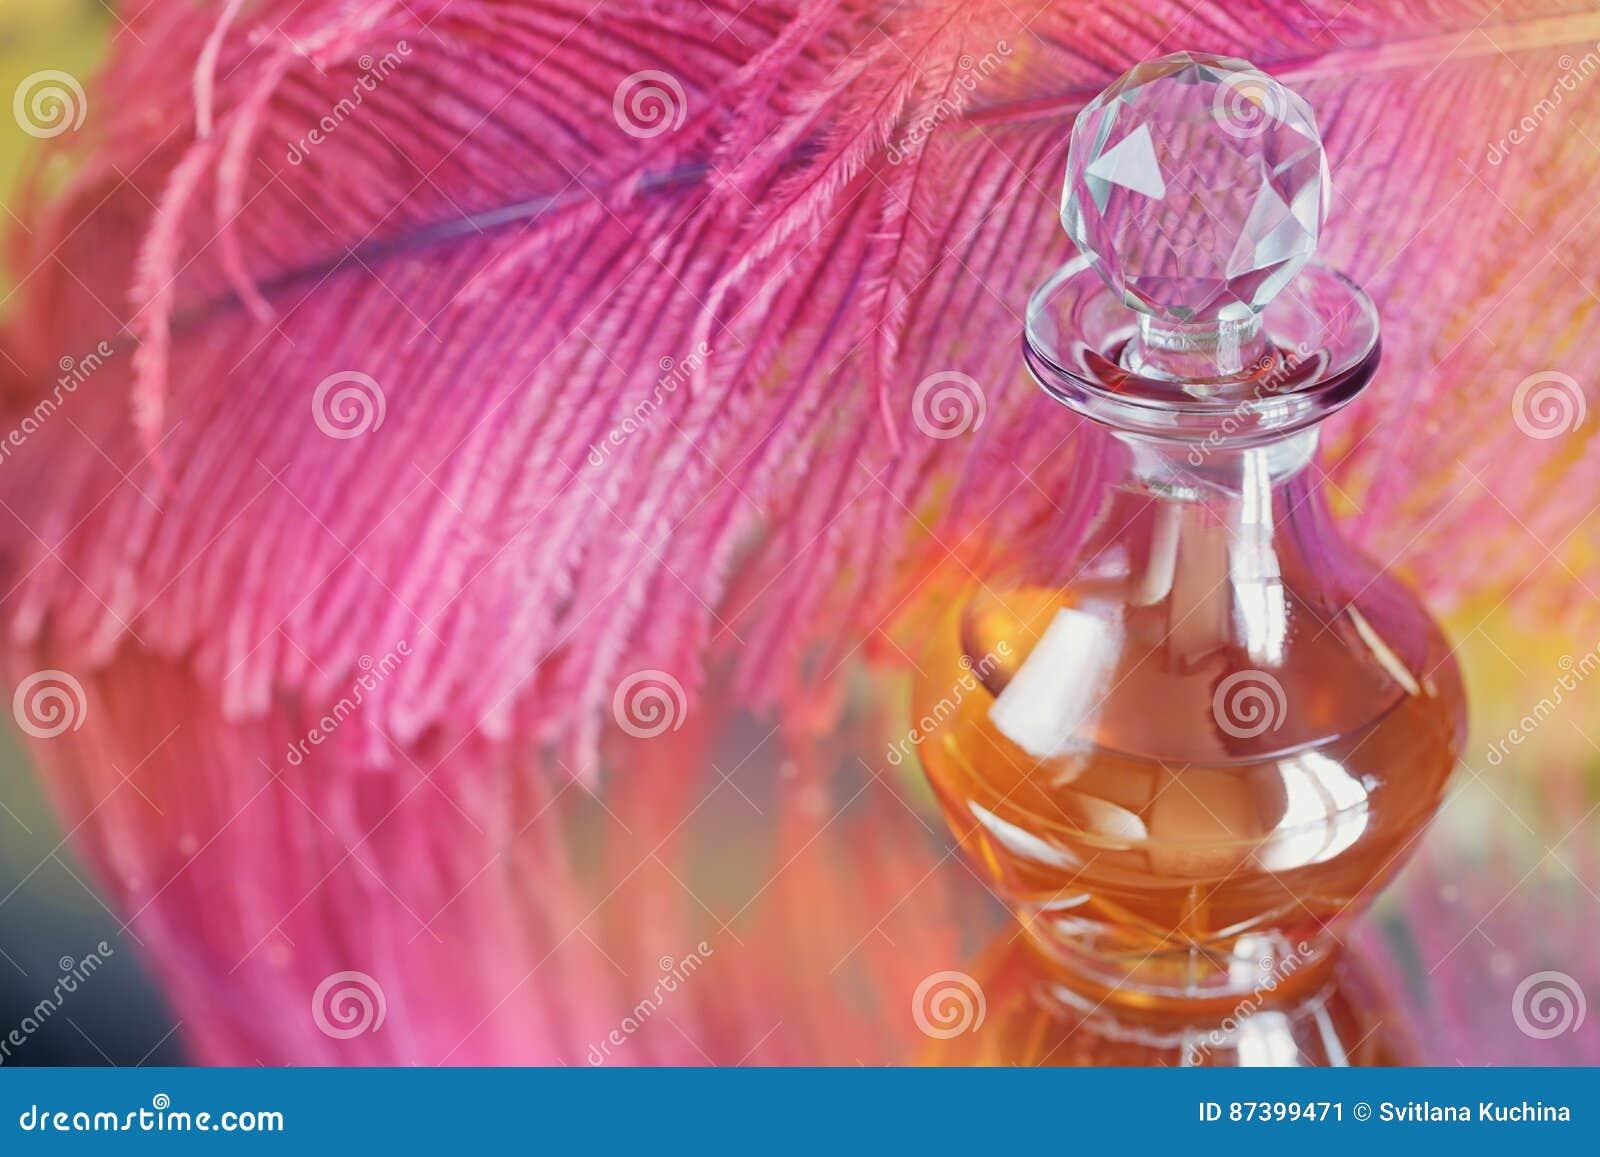 Schöner Hintergrund mit purpurroter Feder und Flasche von parfümiert